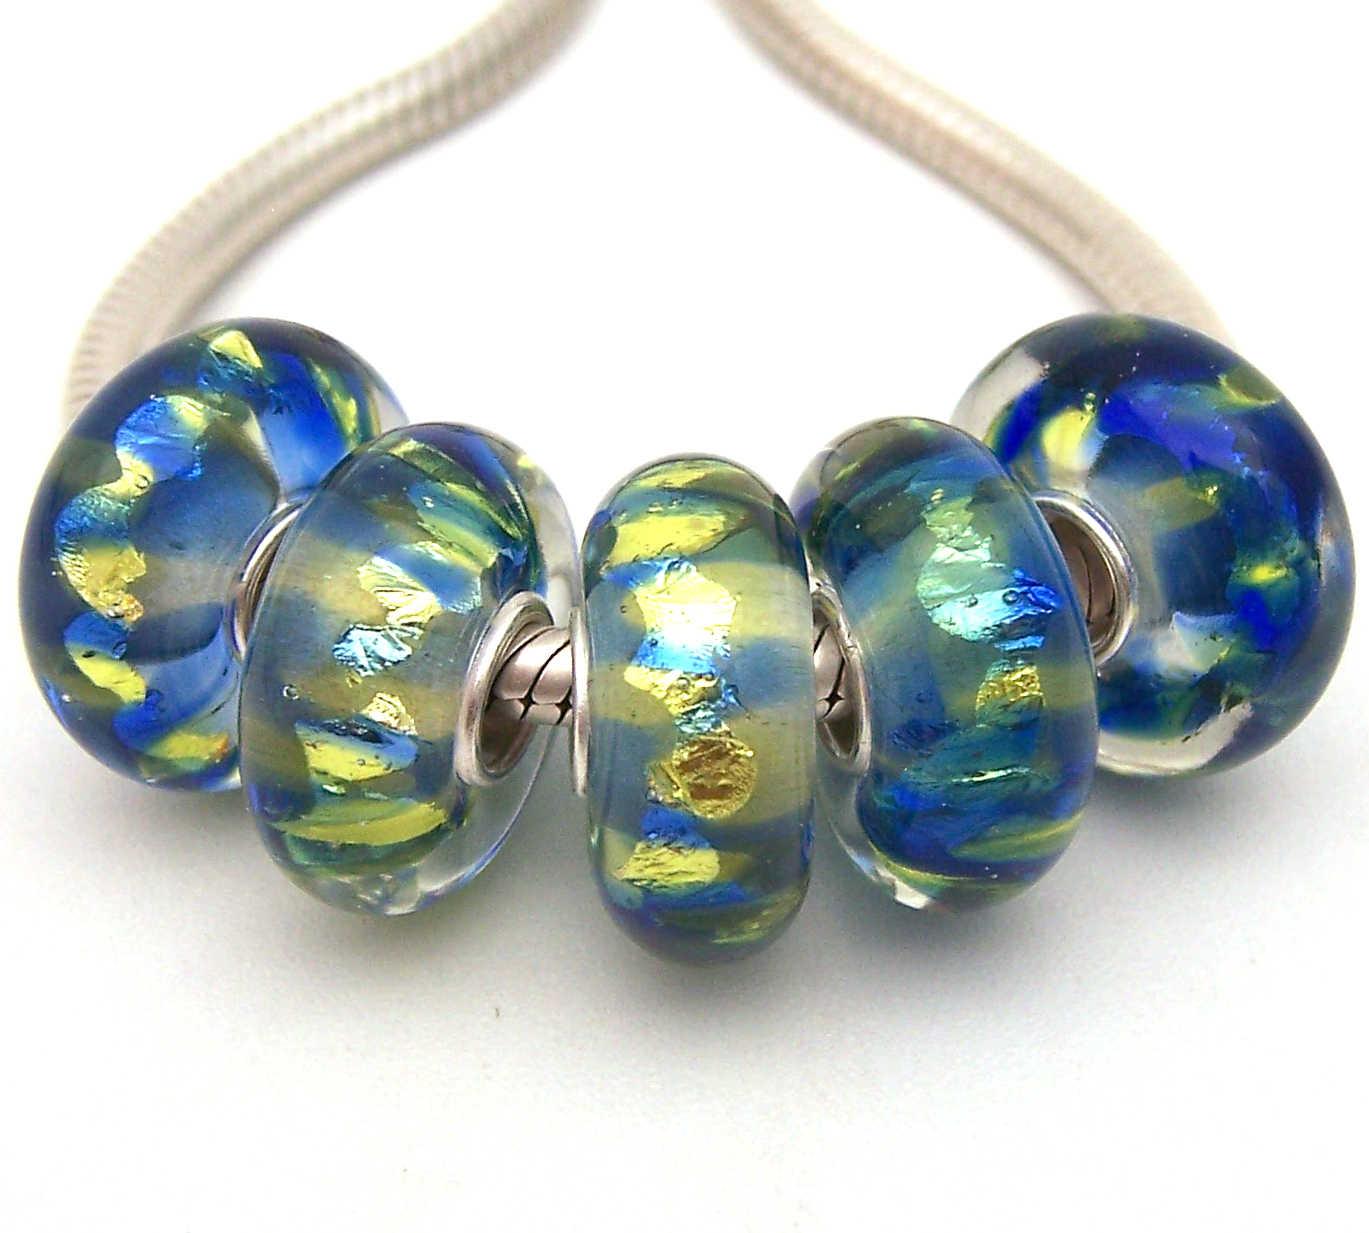 JGWGT 2231 5X 100% Autenticità S925 Sterling Silver Perle di Murano perle di Vetro Europeo Adatto Pendenti E Ciondoli Braccialetto di diy dei monili di Lampwork